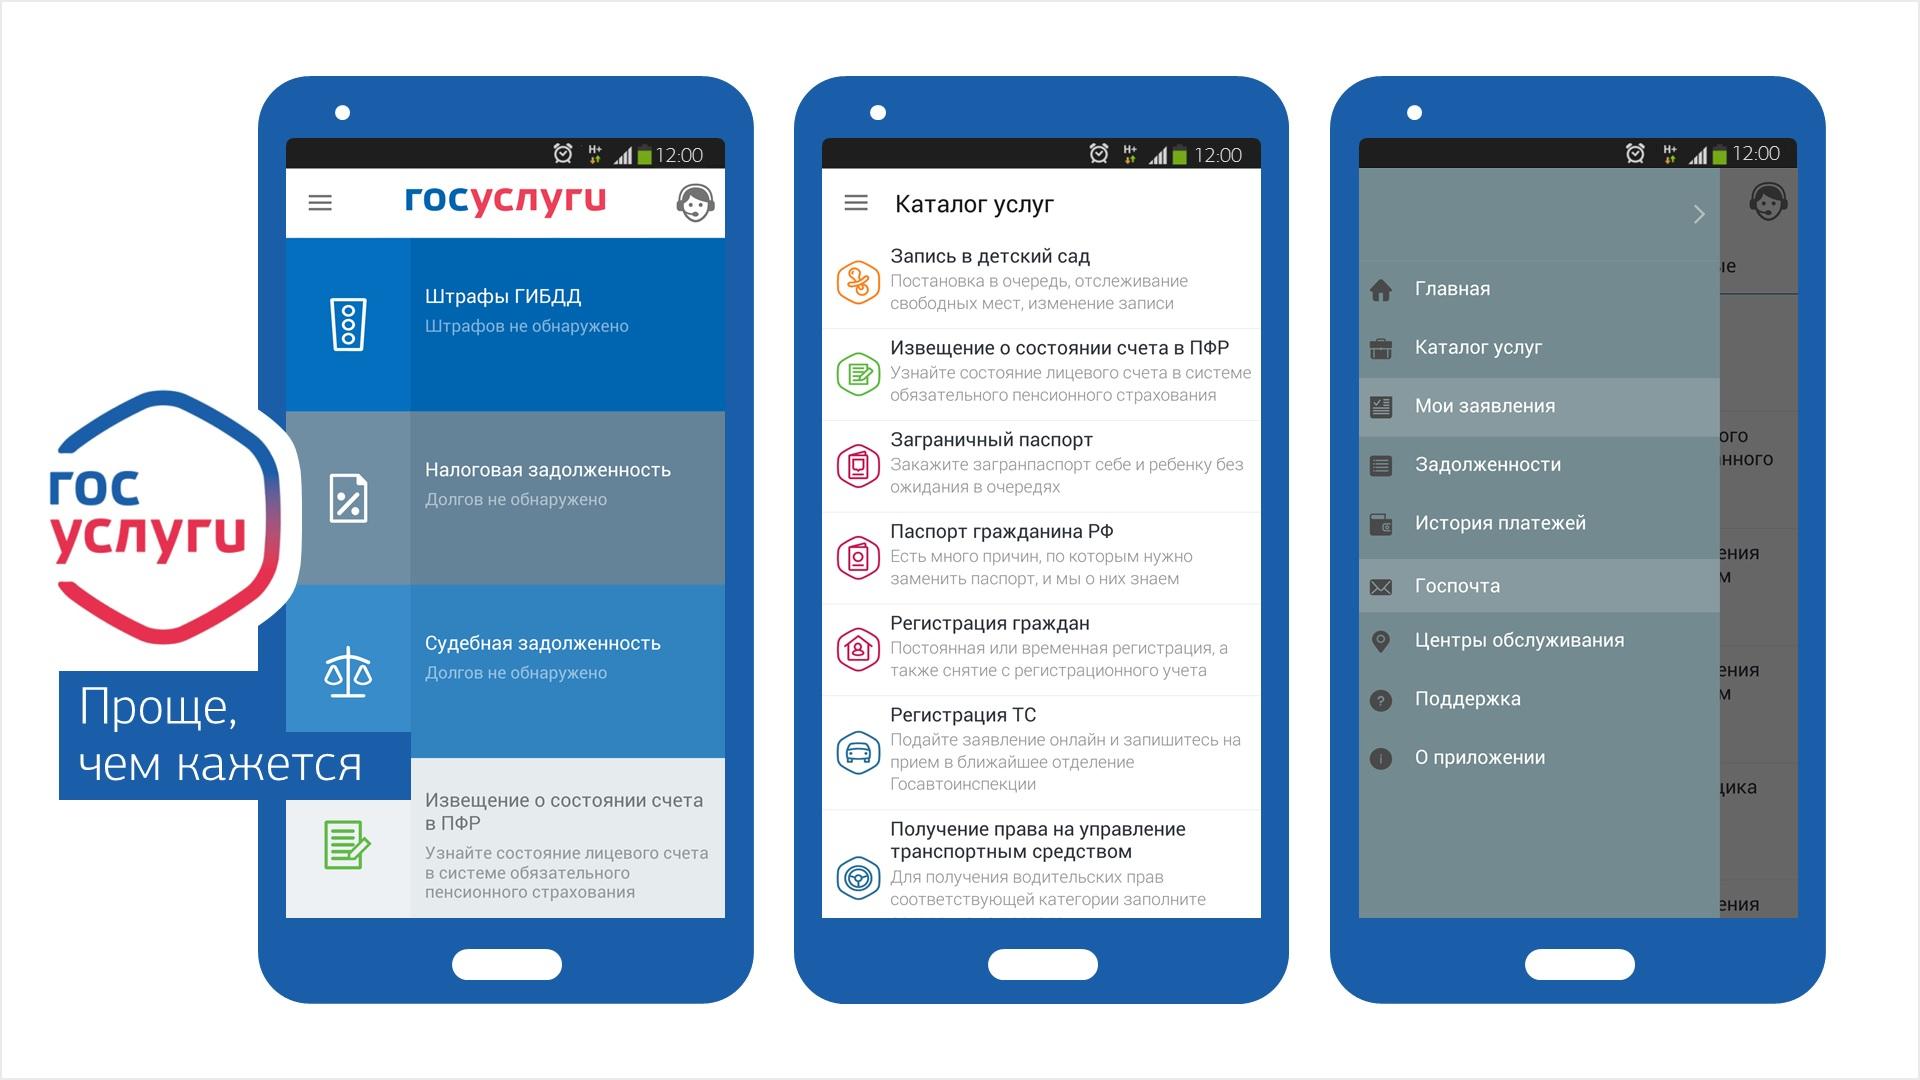 скачать мобильное приложение госуслуги